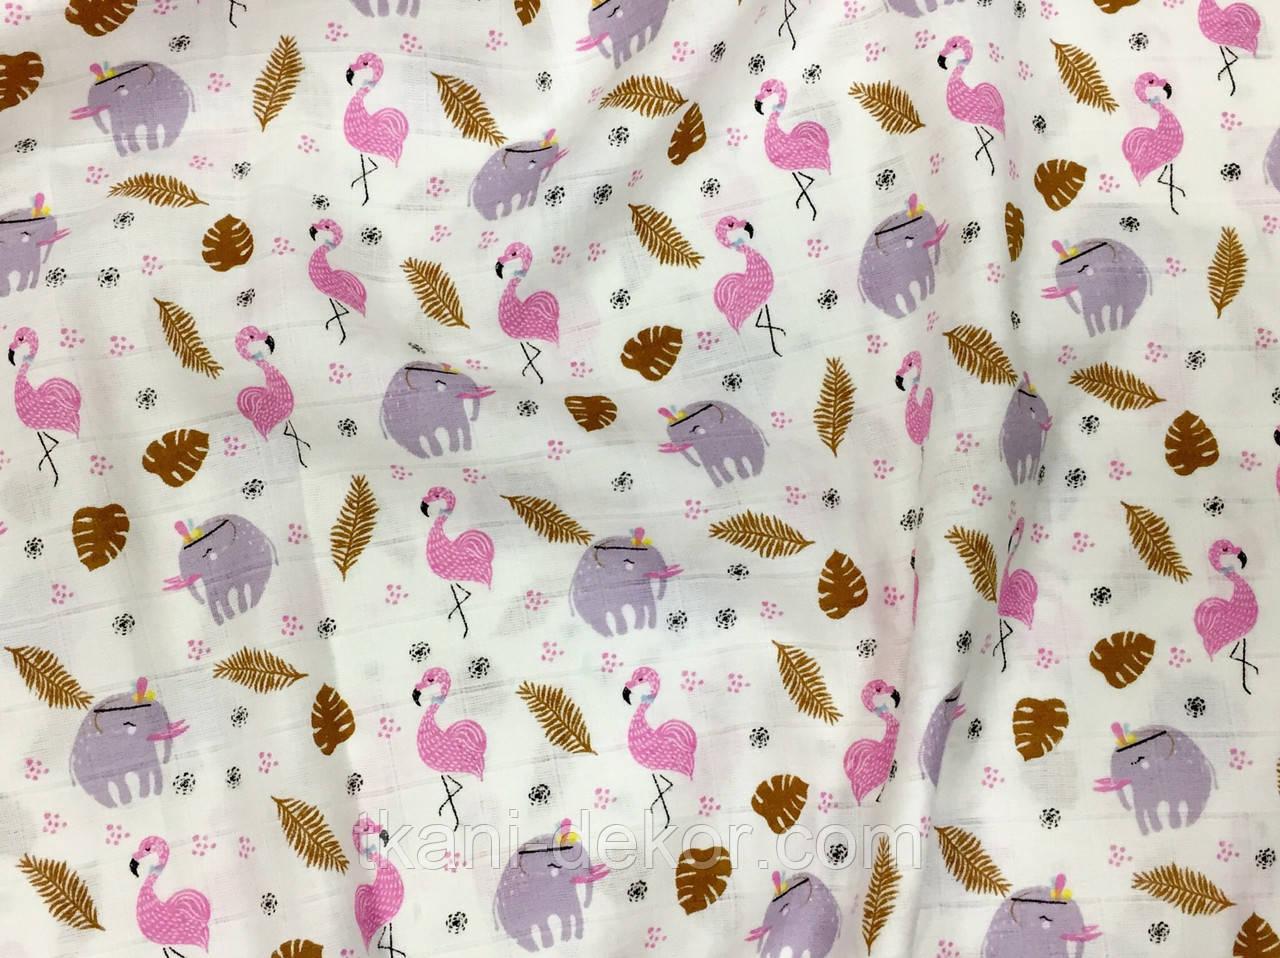 Муслін (бавовняна тканина) фламінго і слоники (ширина 1,2 м)